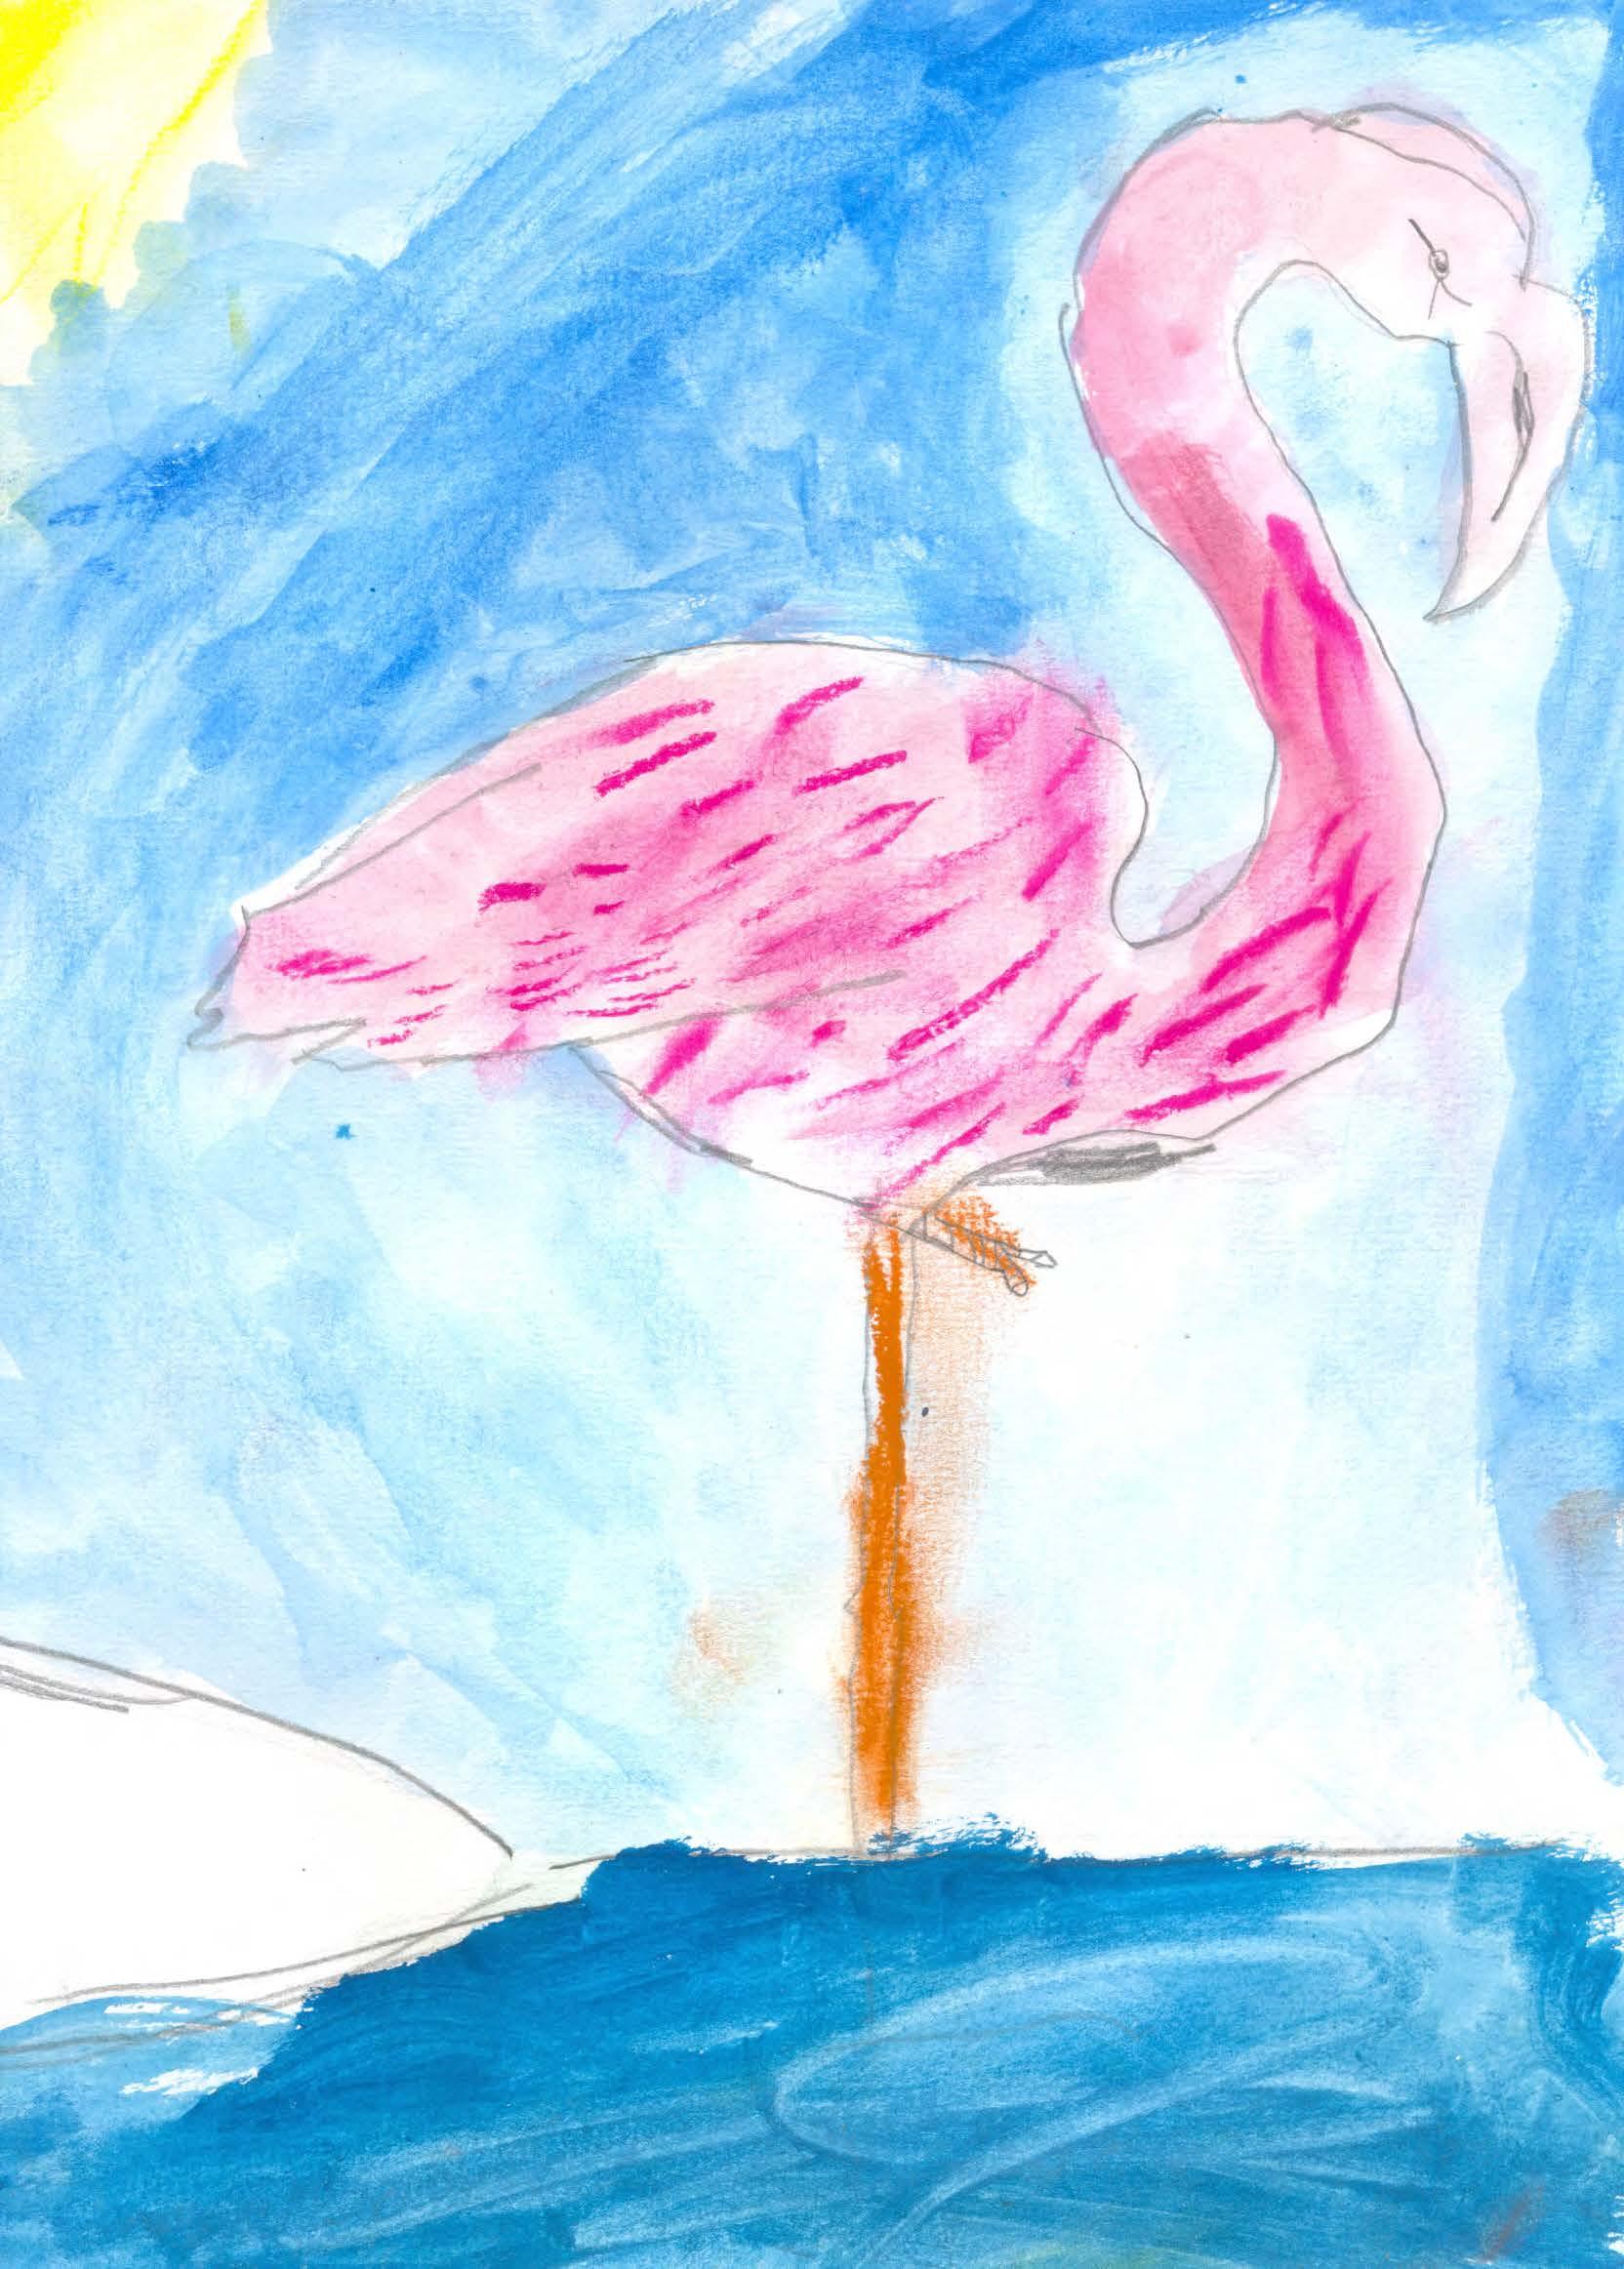 II concurso de jóvenes artistas 2017 (166)